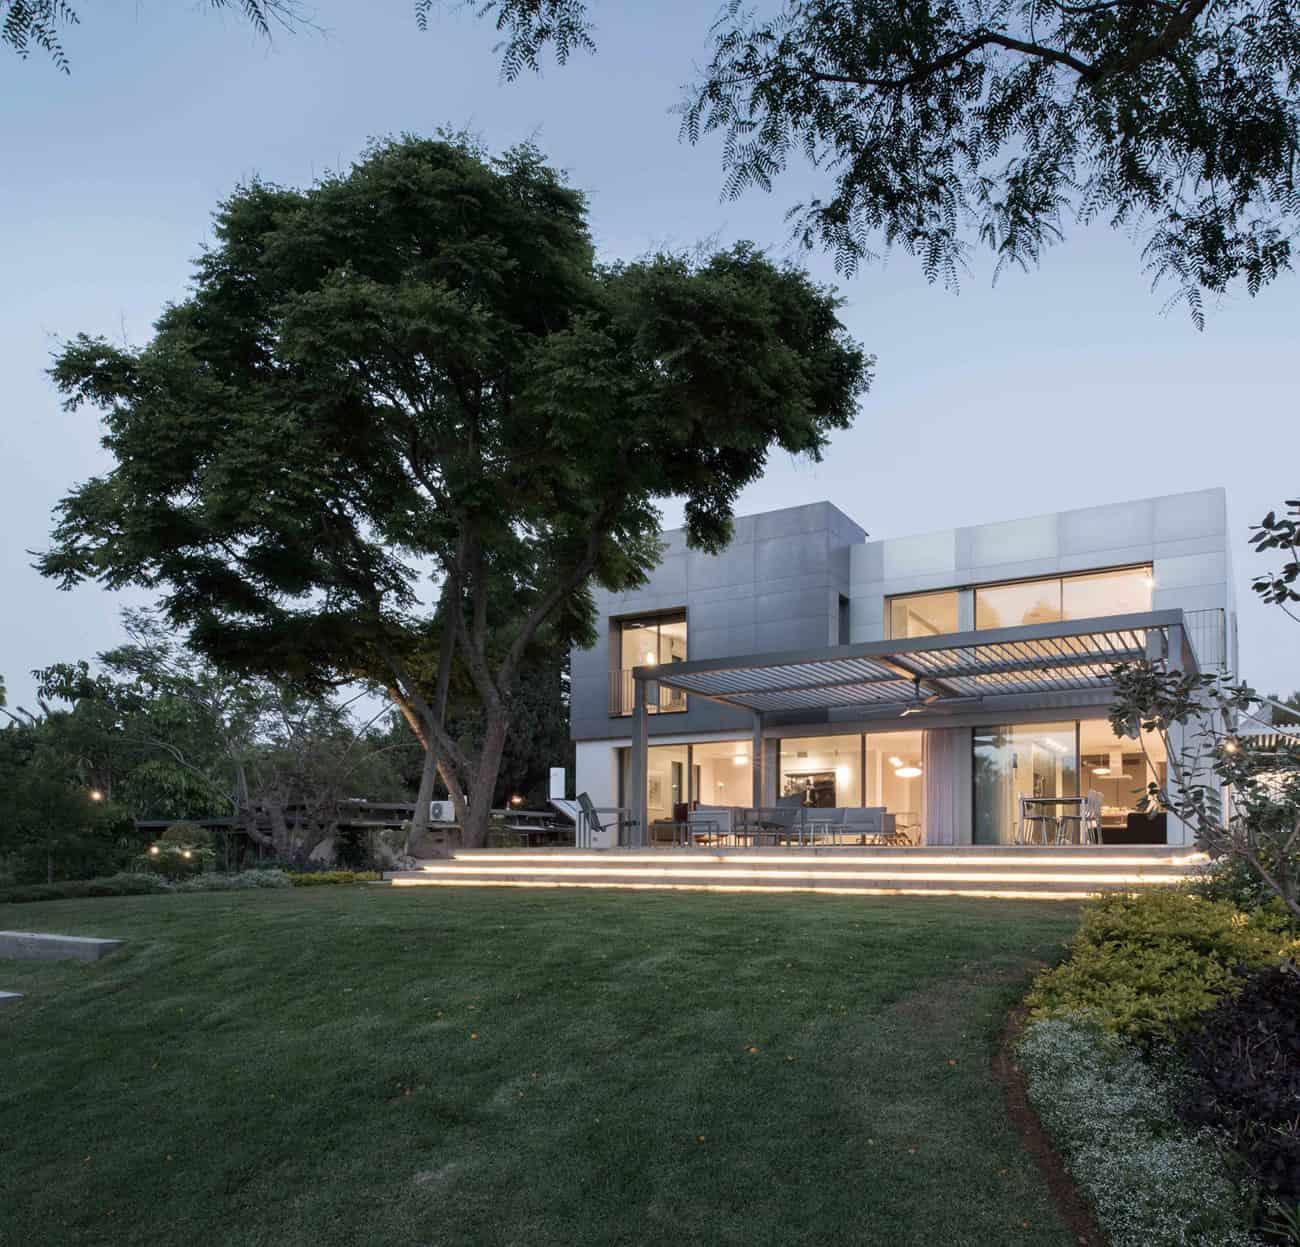 An Aluminum Vested Home by Studio de Lange (13)